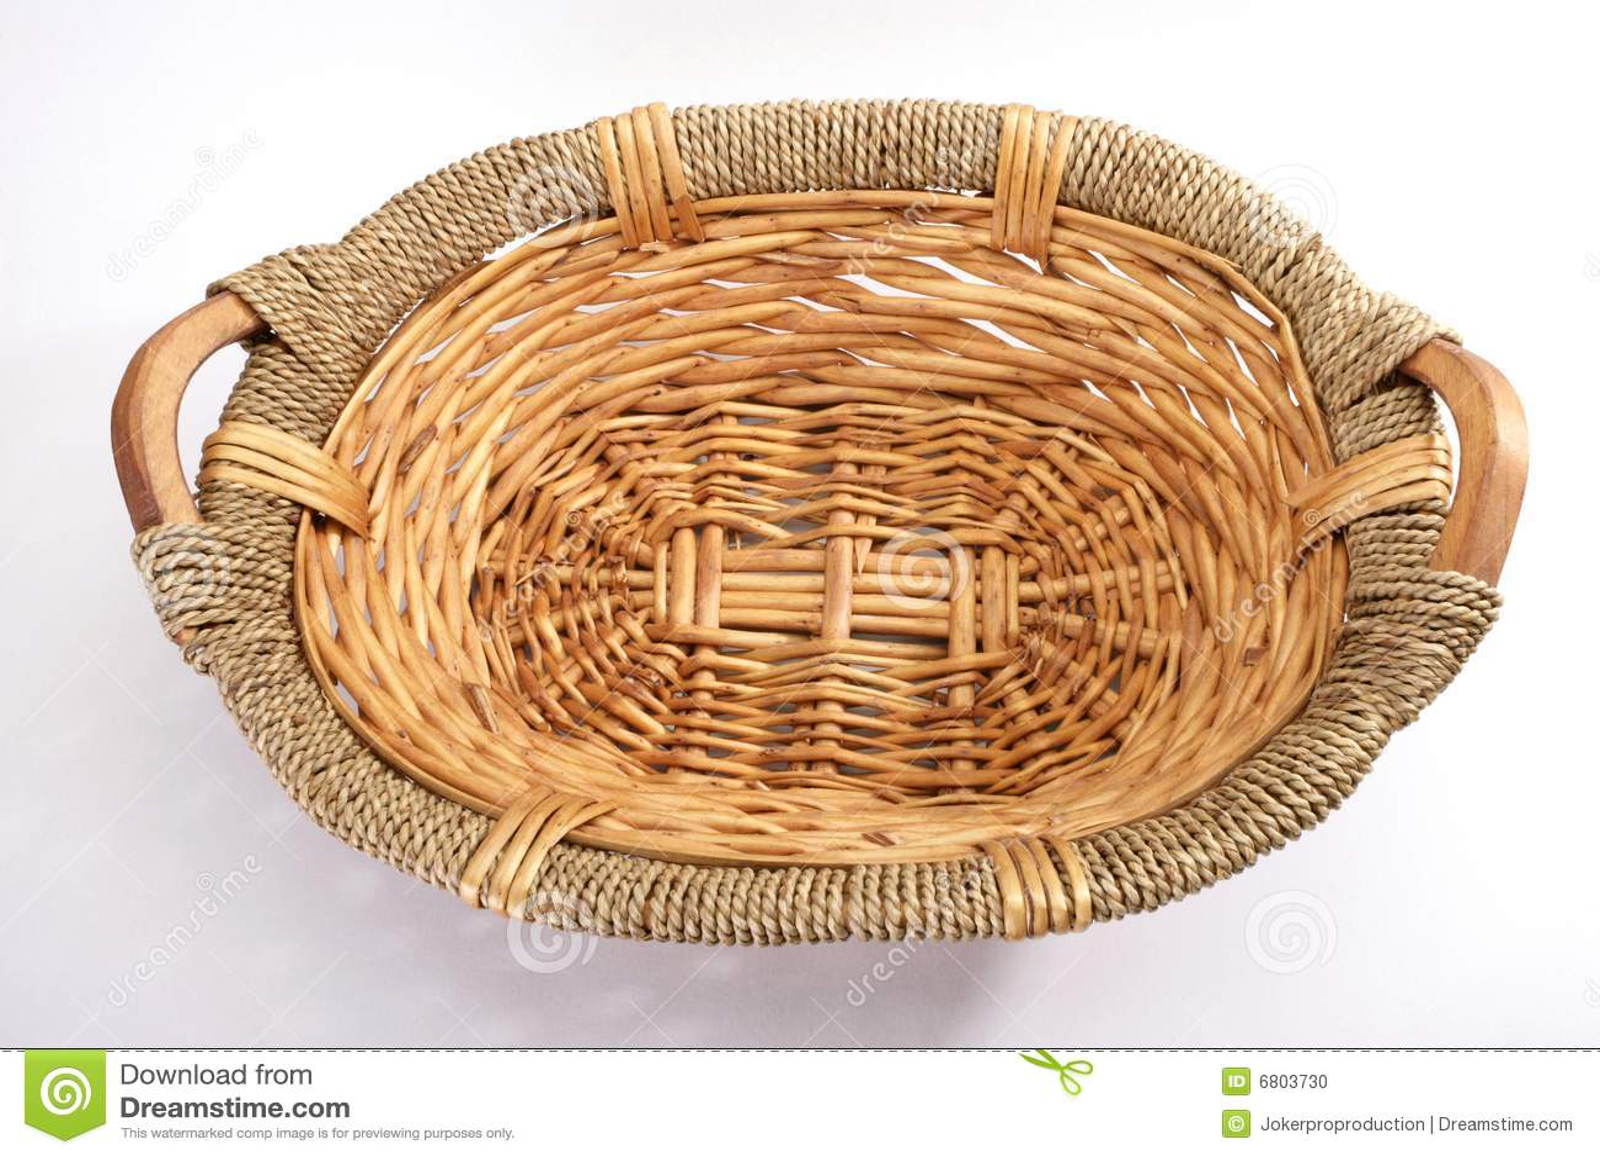 棕叶编织篮子制作方法-棕树编织小篮子图解|怎么用棕图片